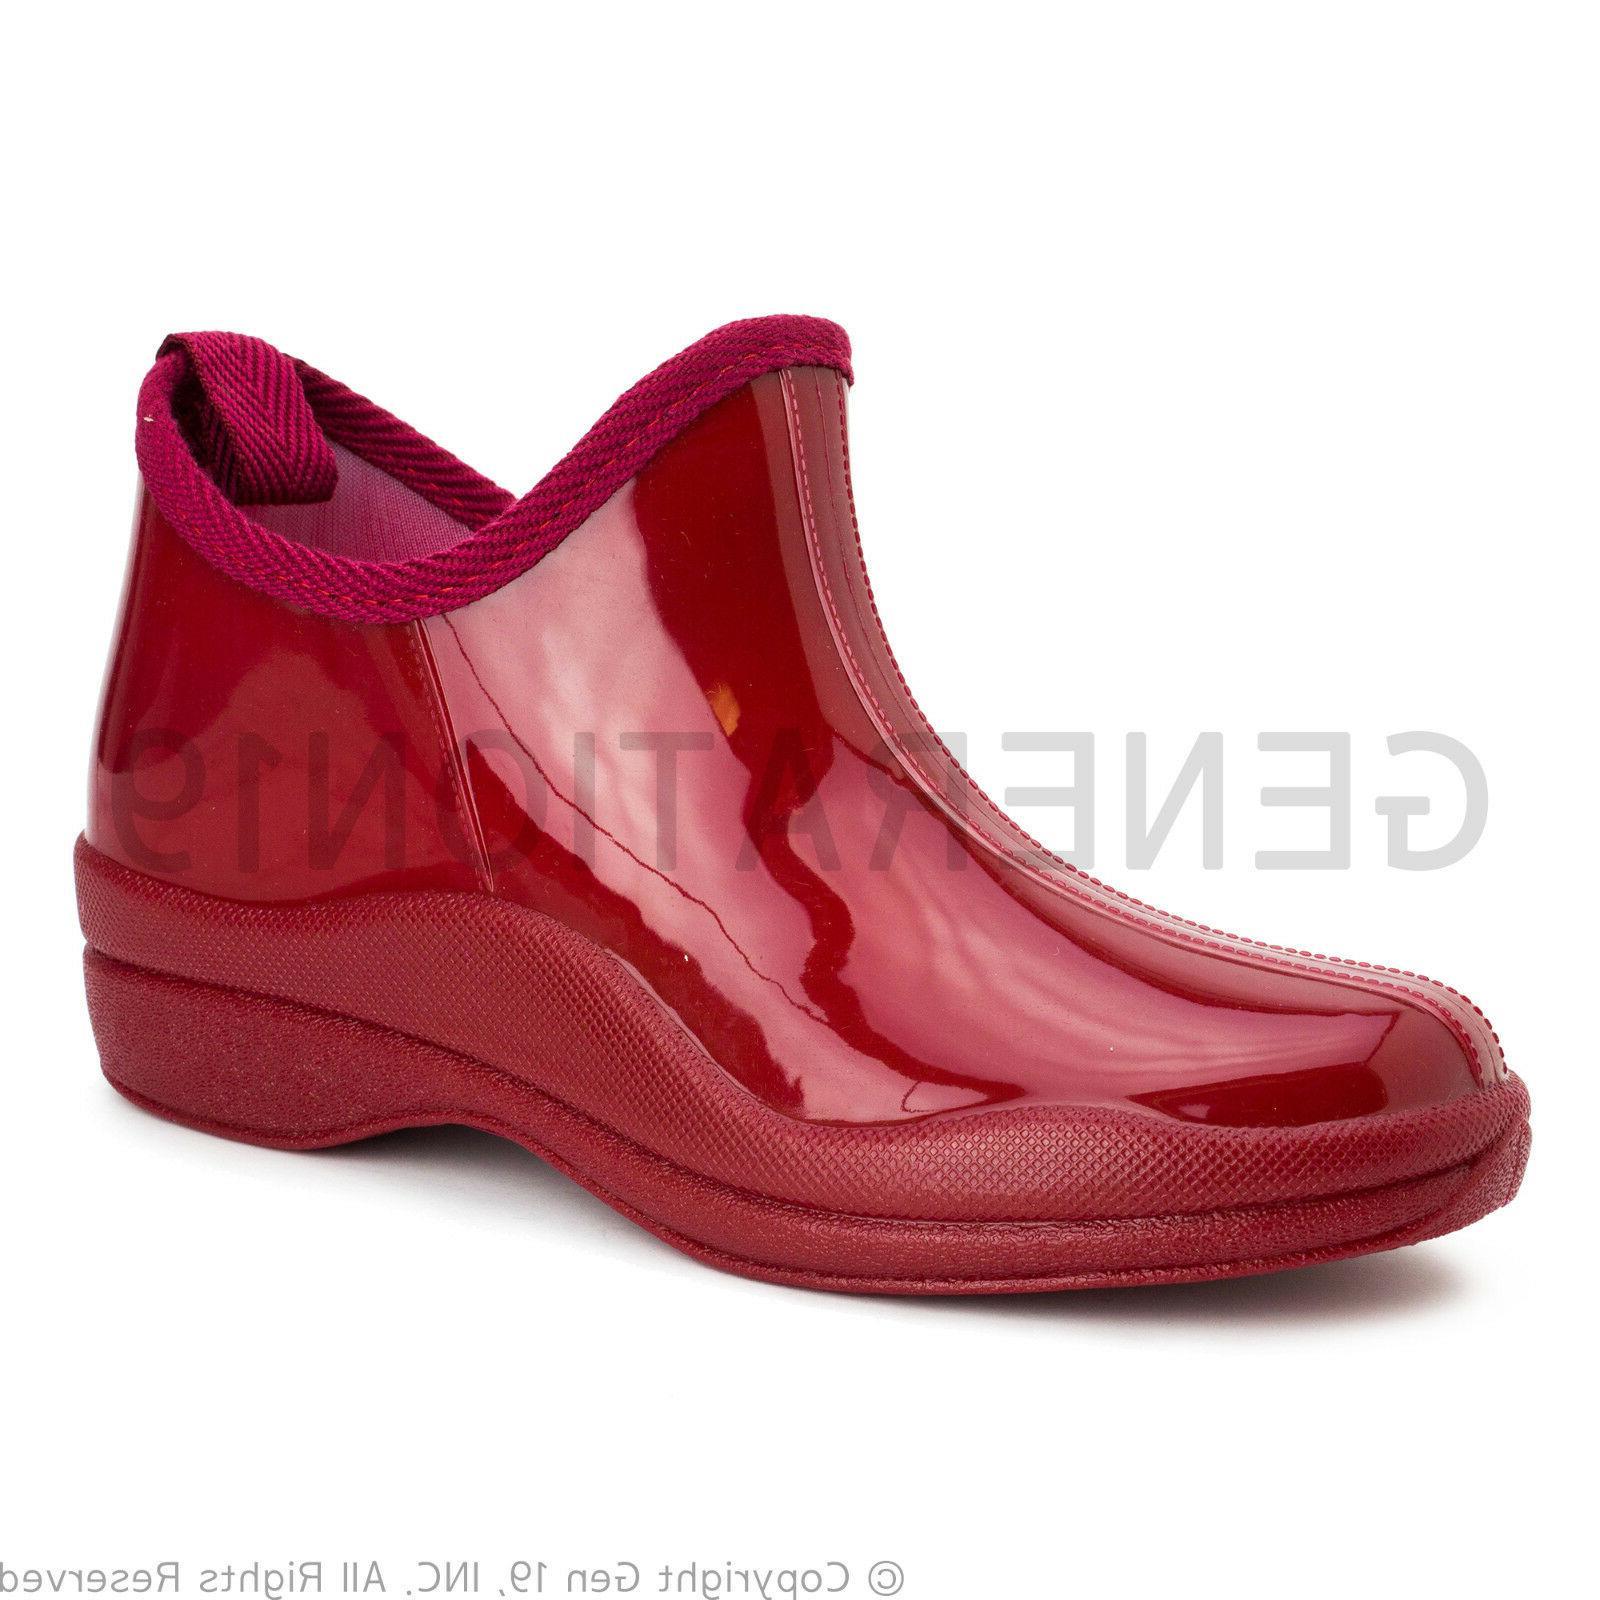 Womens Garden Waterproof Snow Boots RB46A